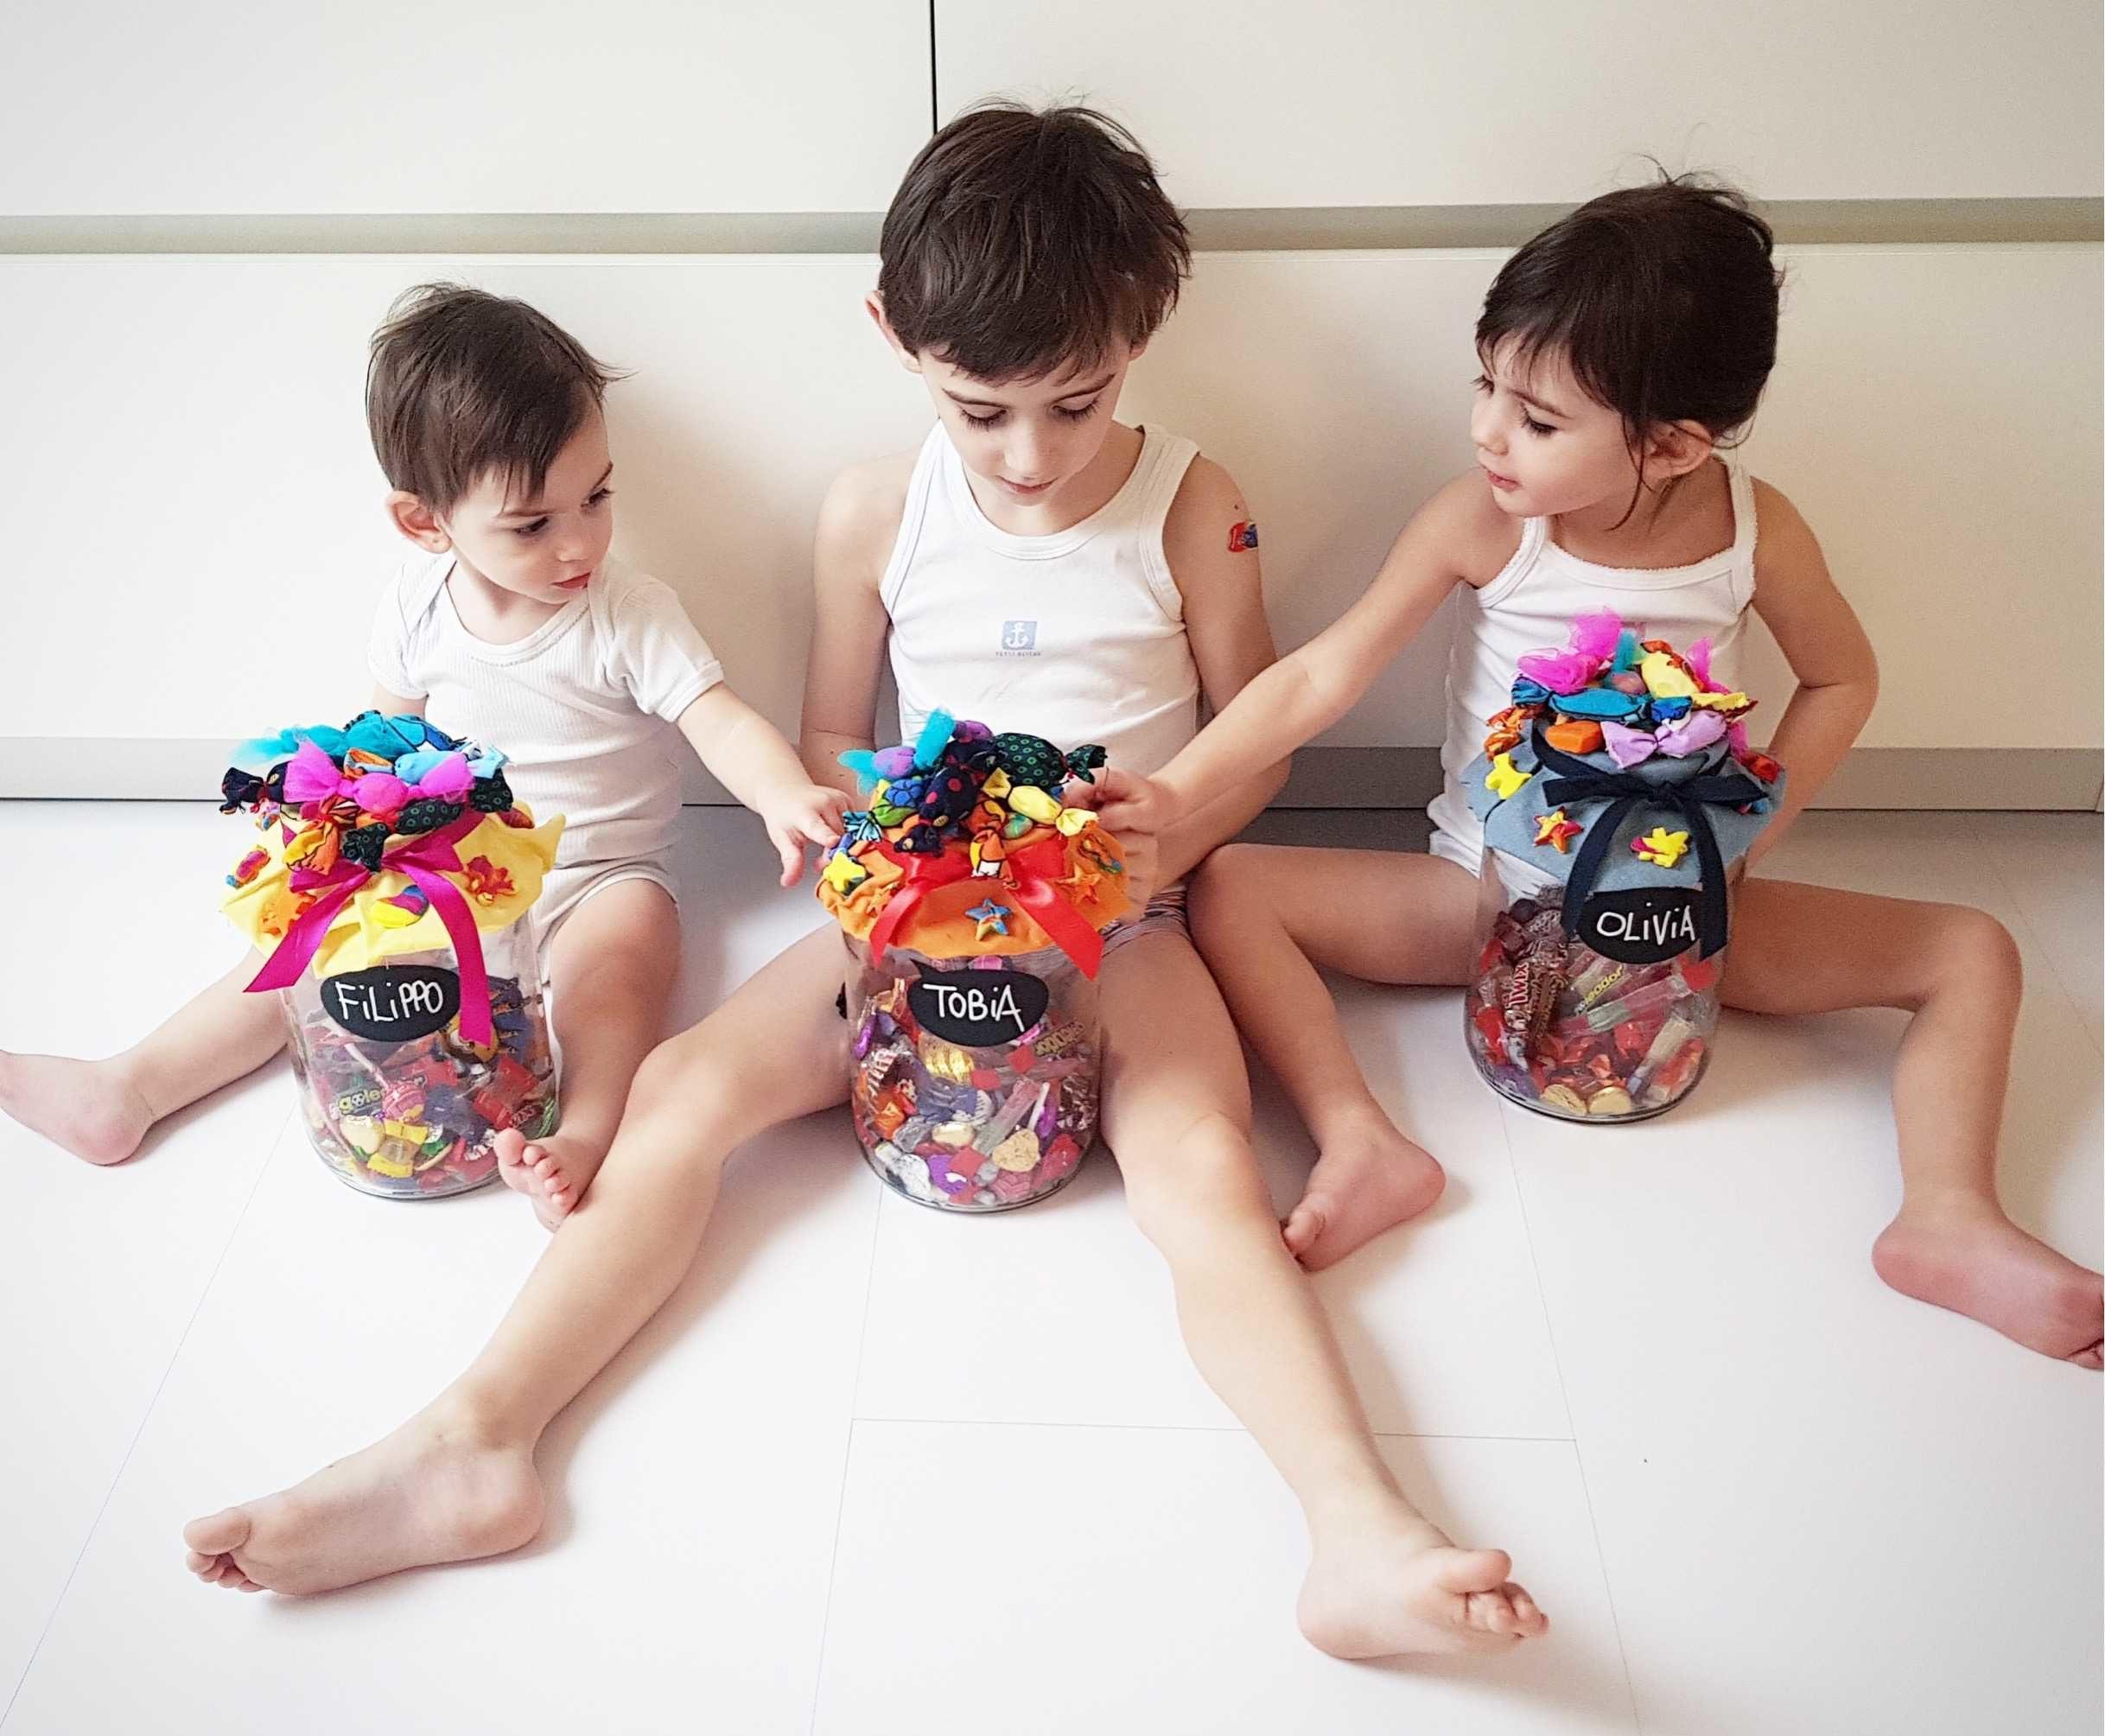 IL MAGICO POTERE DEL RIORDINO PER MAMME - COME ORGANIZZARE FACILMENTE I GIOCHI DEI BAMBINI 17